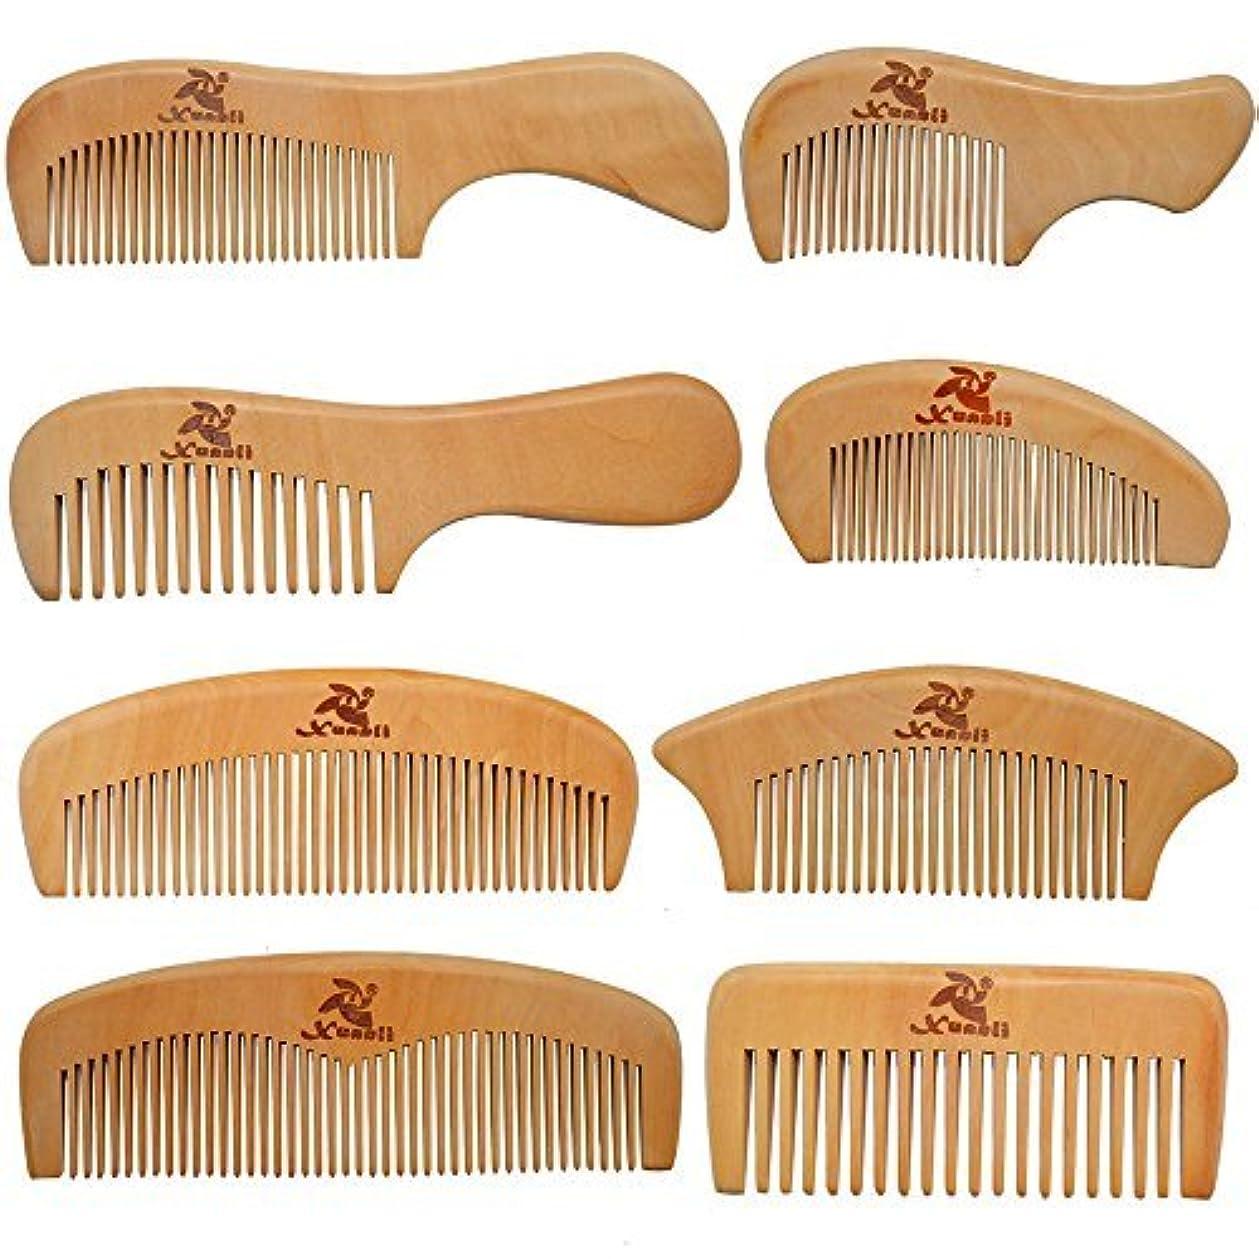 エスカレート見捨てる誠実さXuanli 8 Pcs The Family Of Hair Comb set - Wood with Anti-Static & No Snag Handmade Brush for Beard, Head Hair...